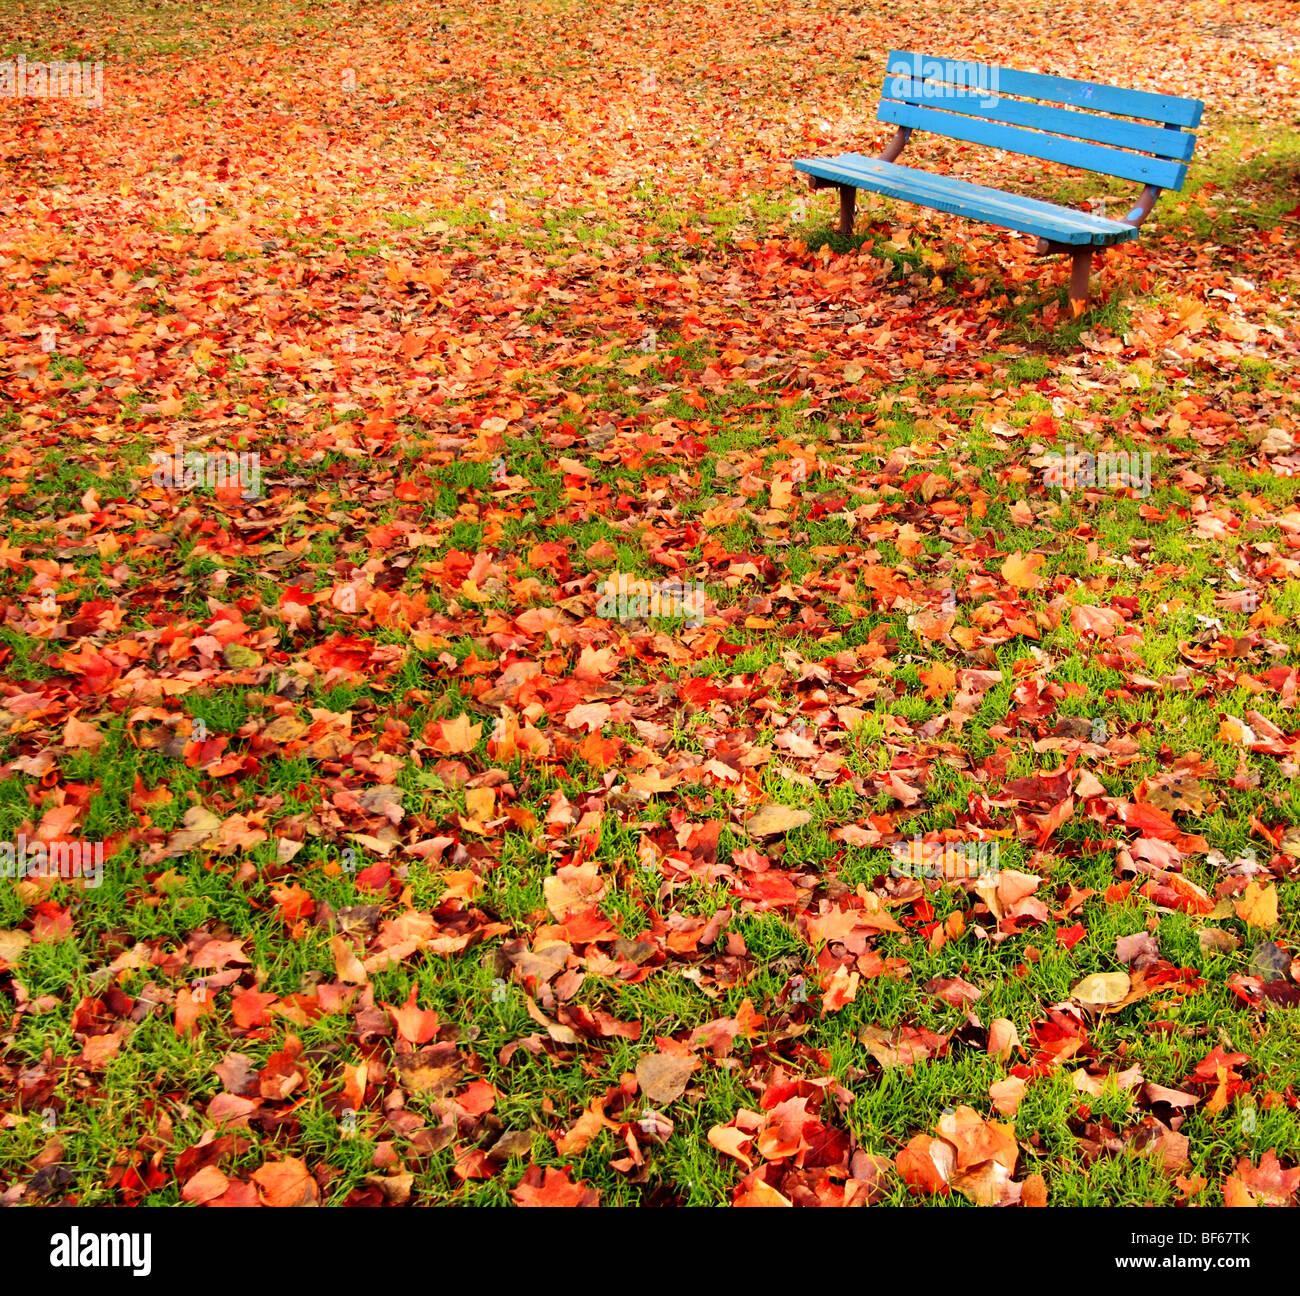 Un solitario, banqueta azul en un parque rodeado de hojas de otoño. Imagen De Stock